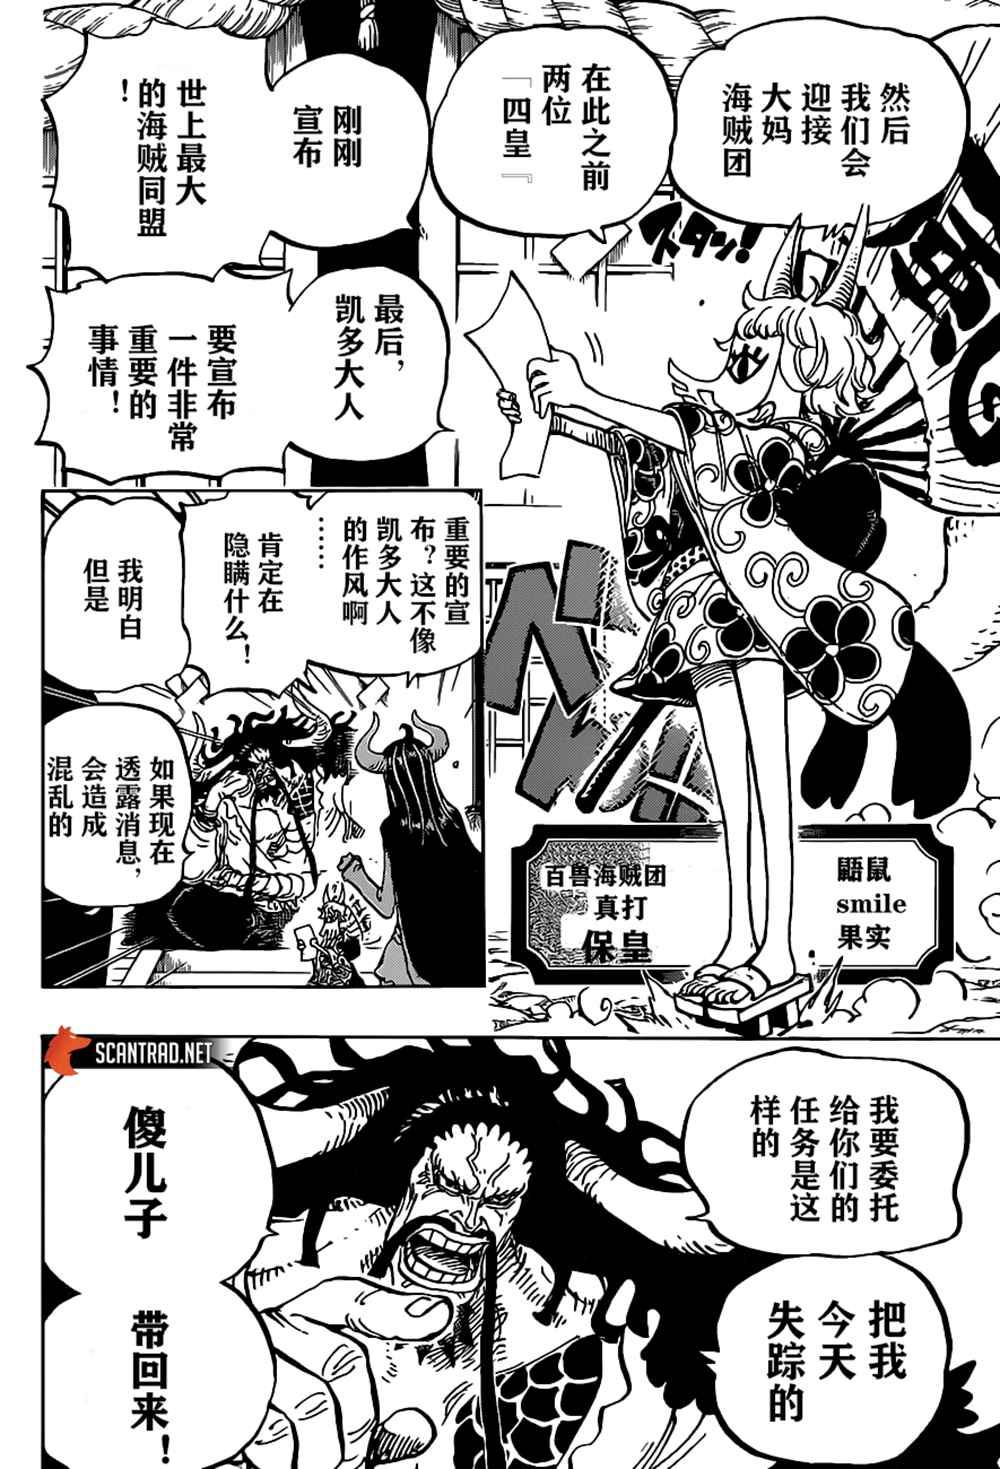 海賊王: 979话 家族问题 - 第13页